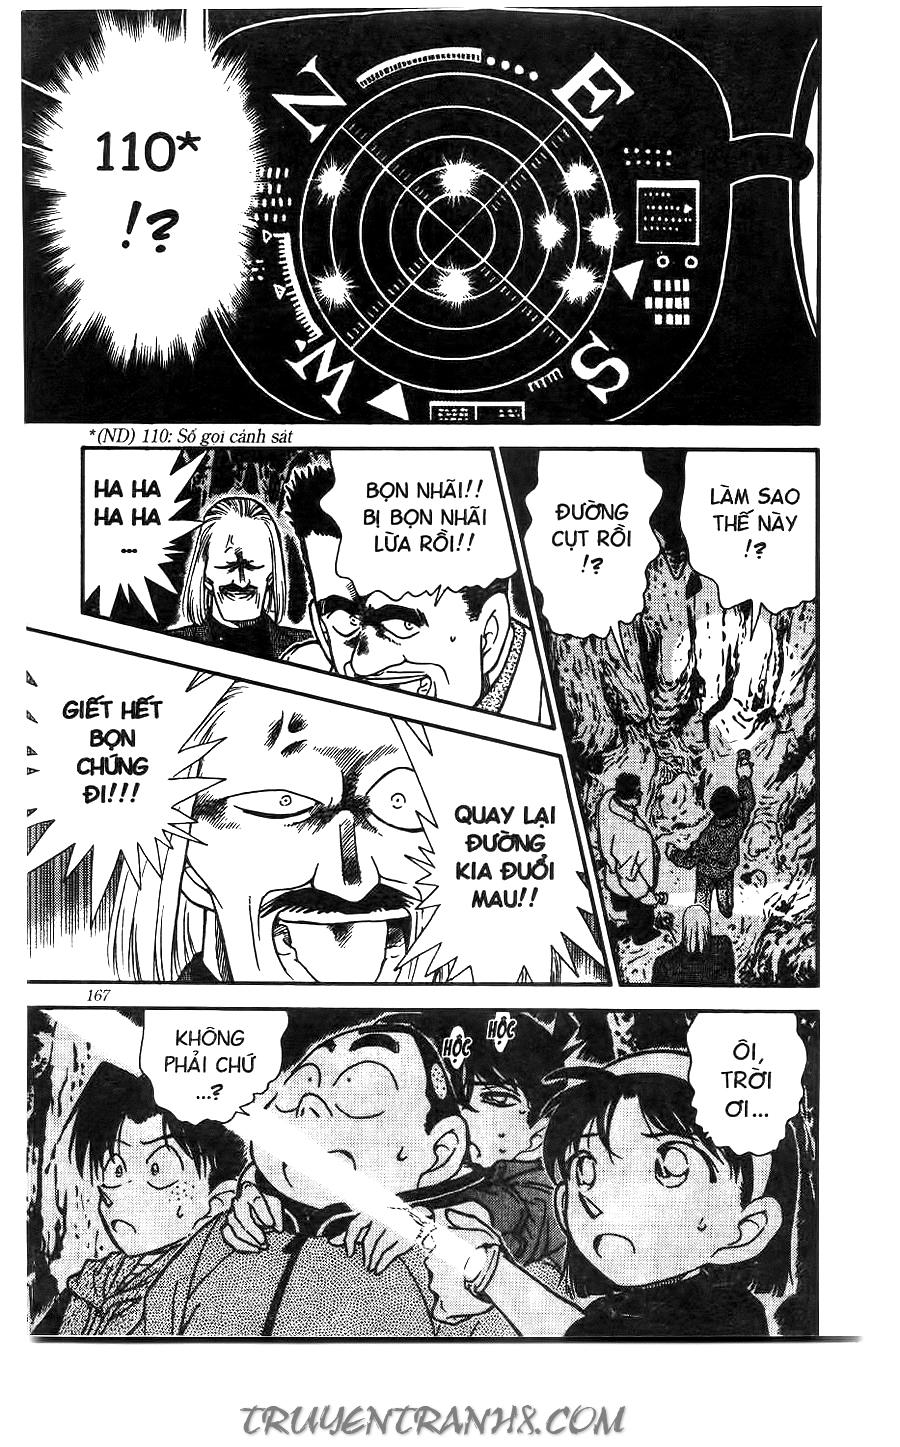 xem truyen moi - Conan chap 252